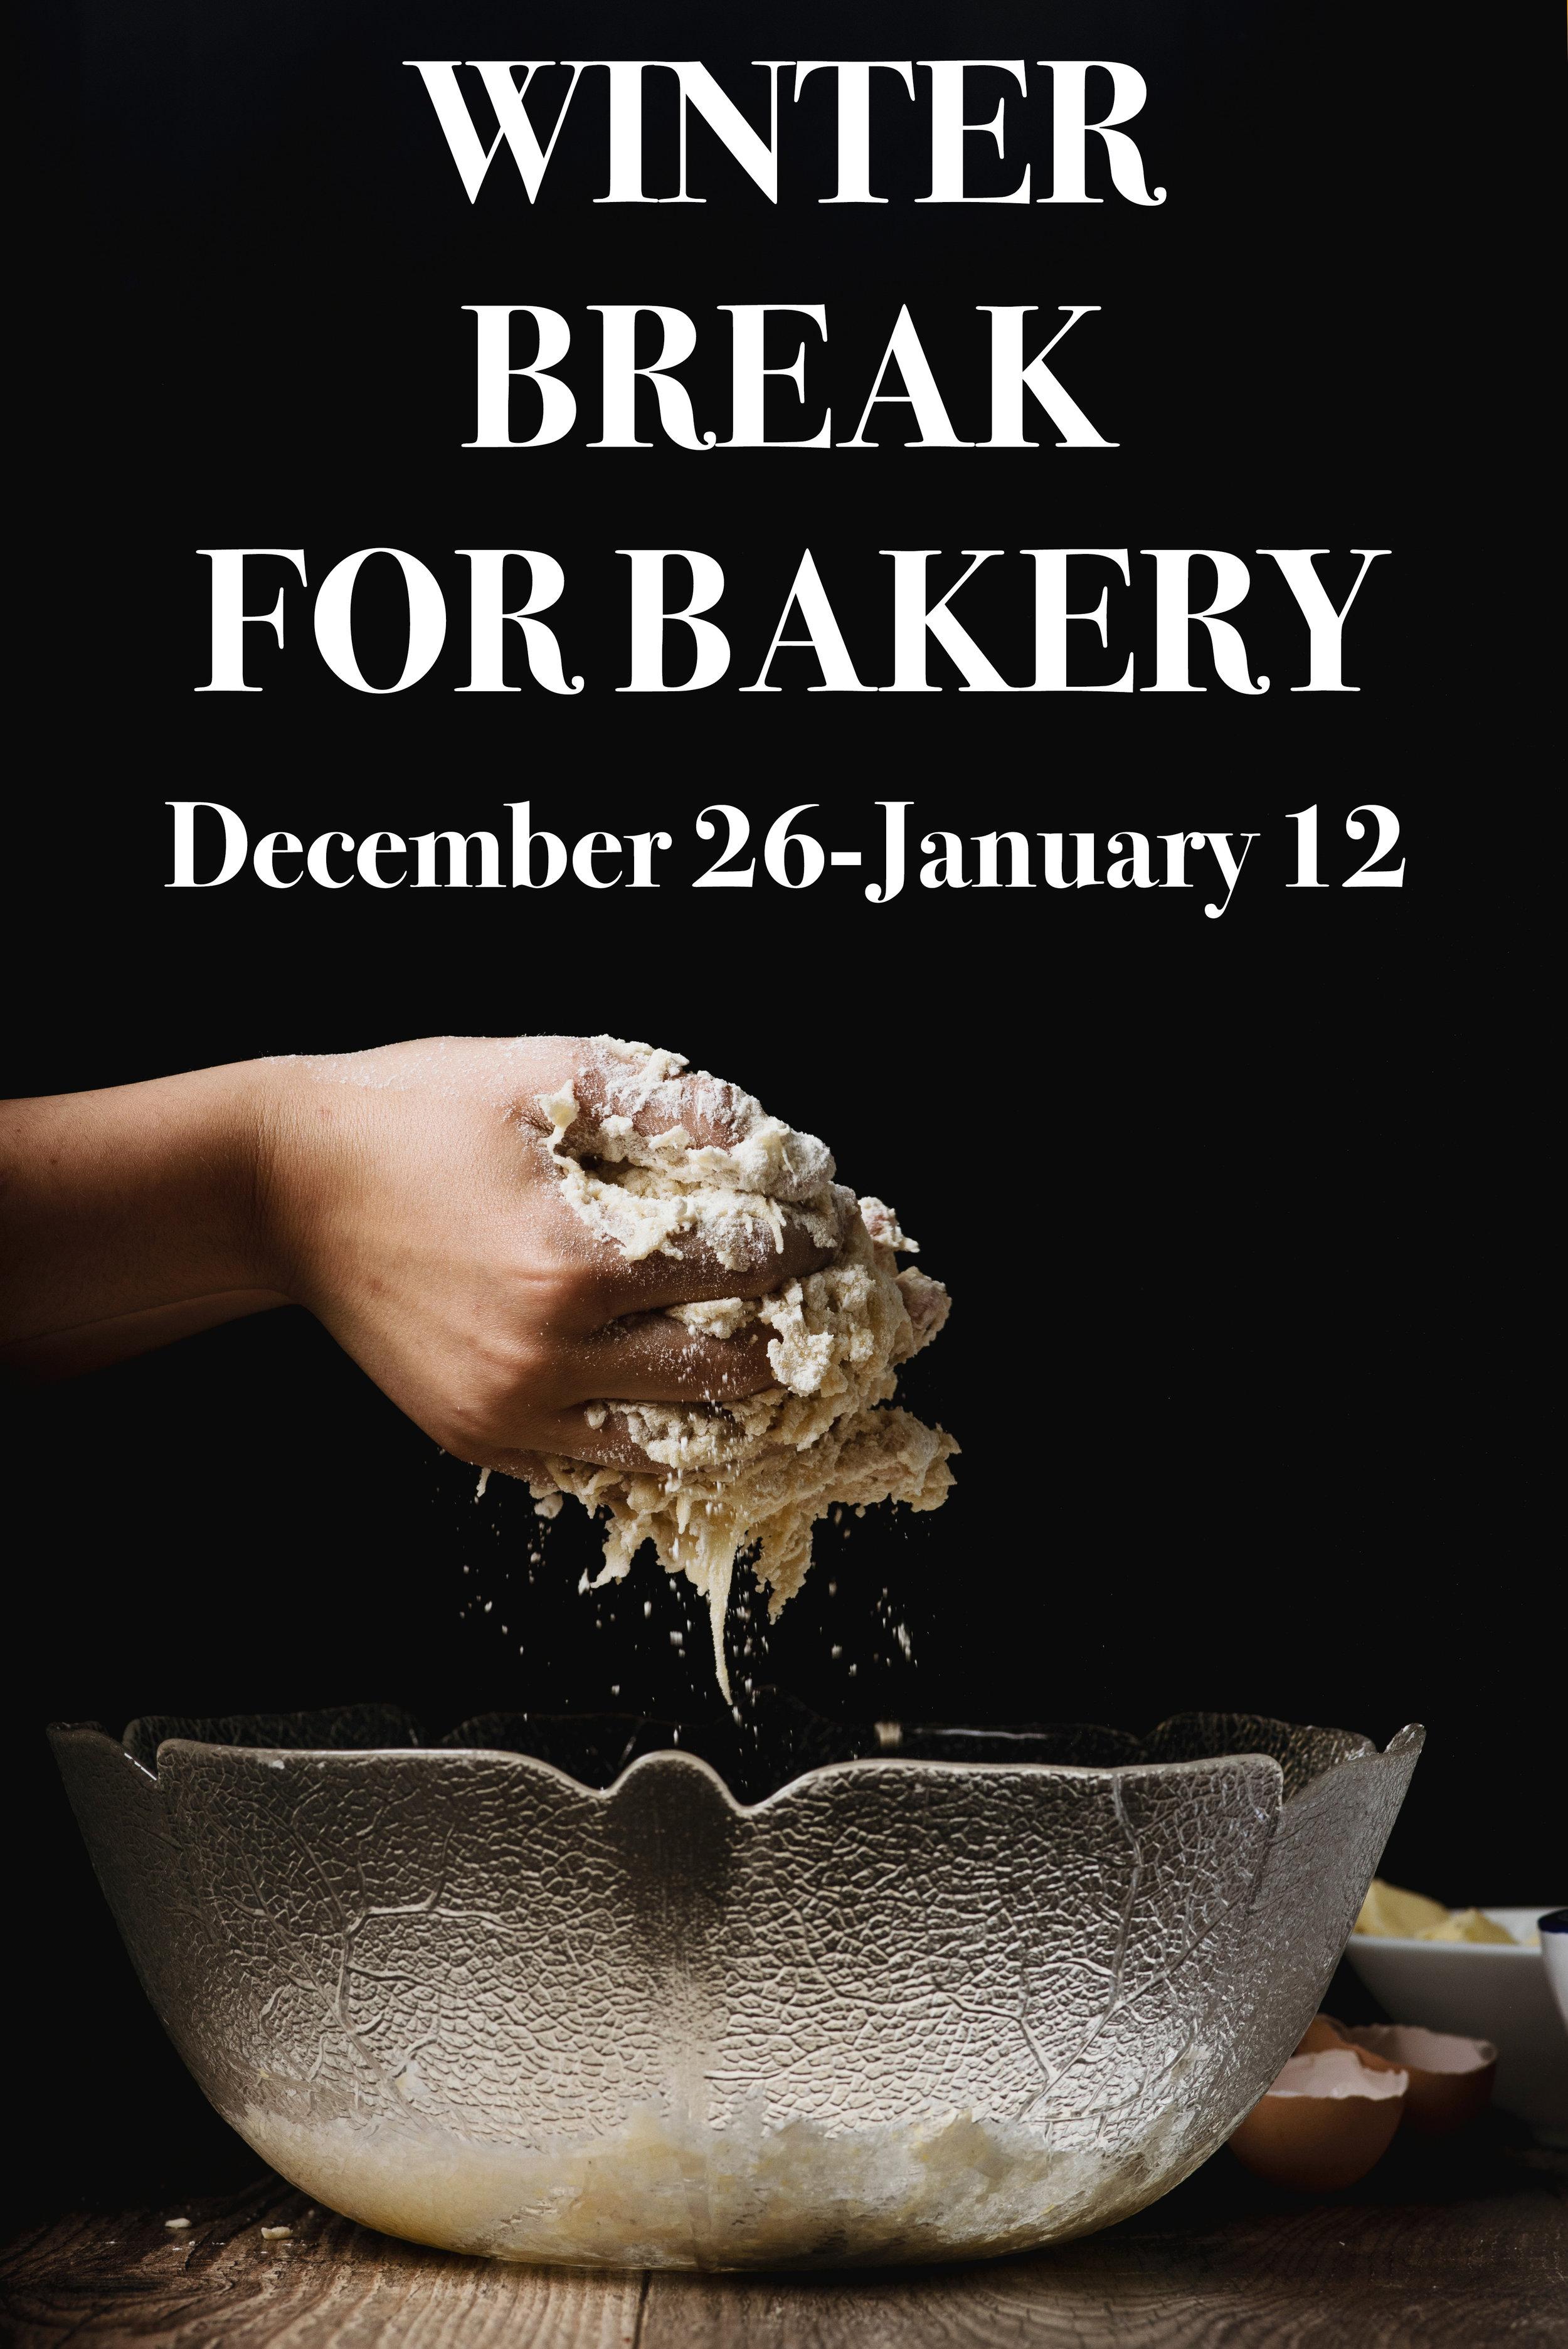 Bakery Winter Break.jpg